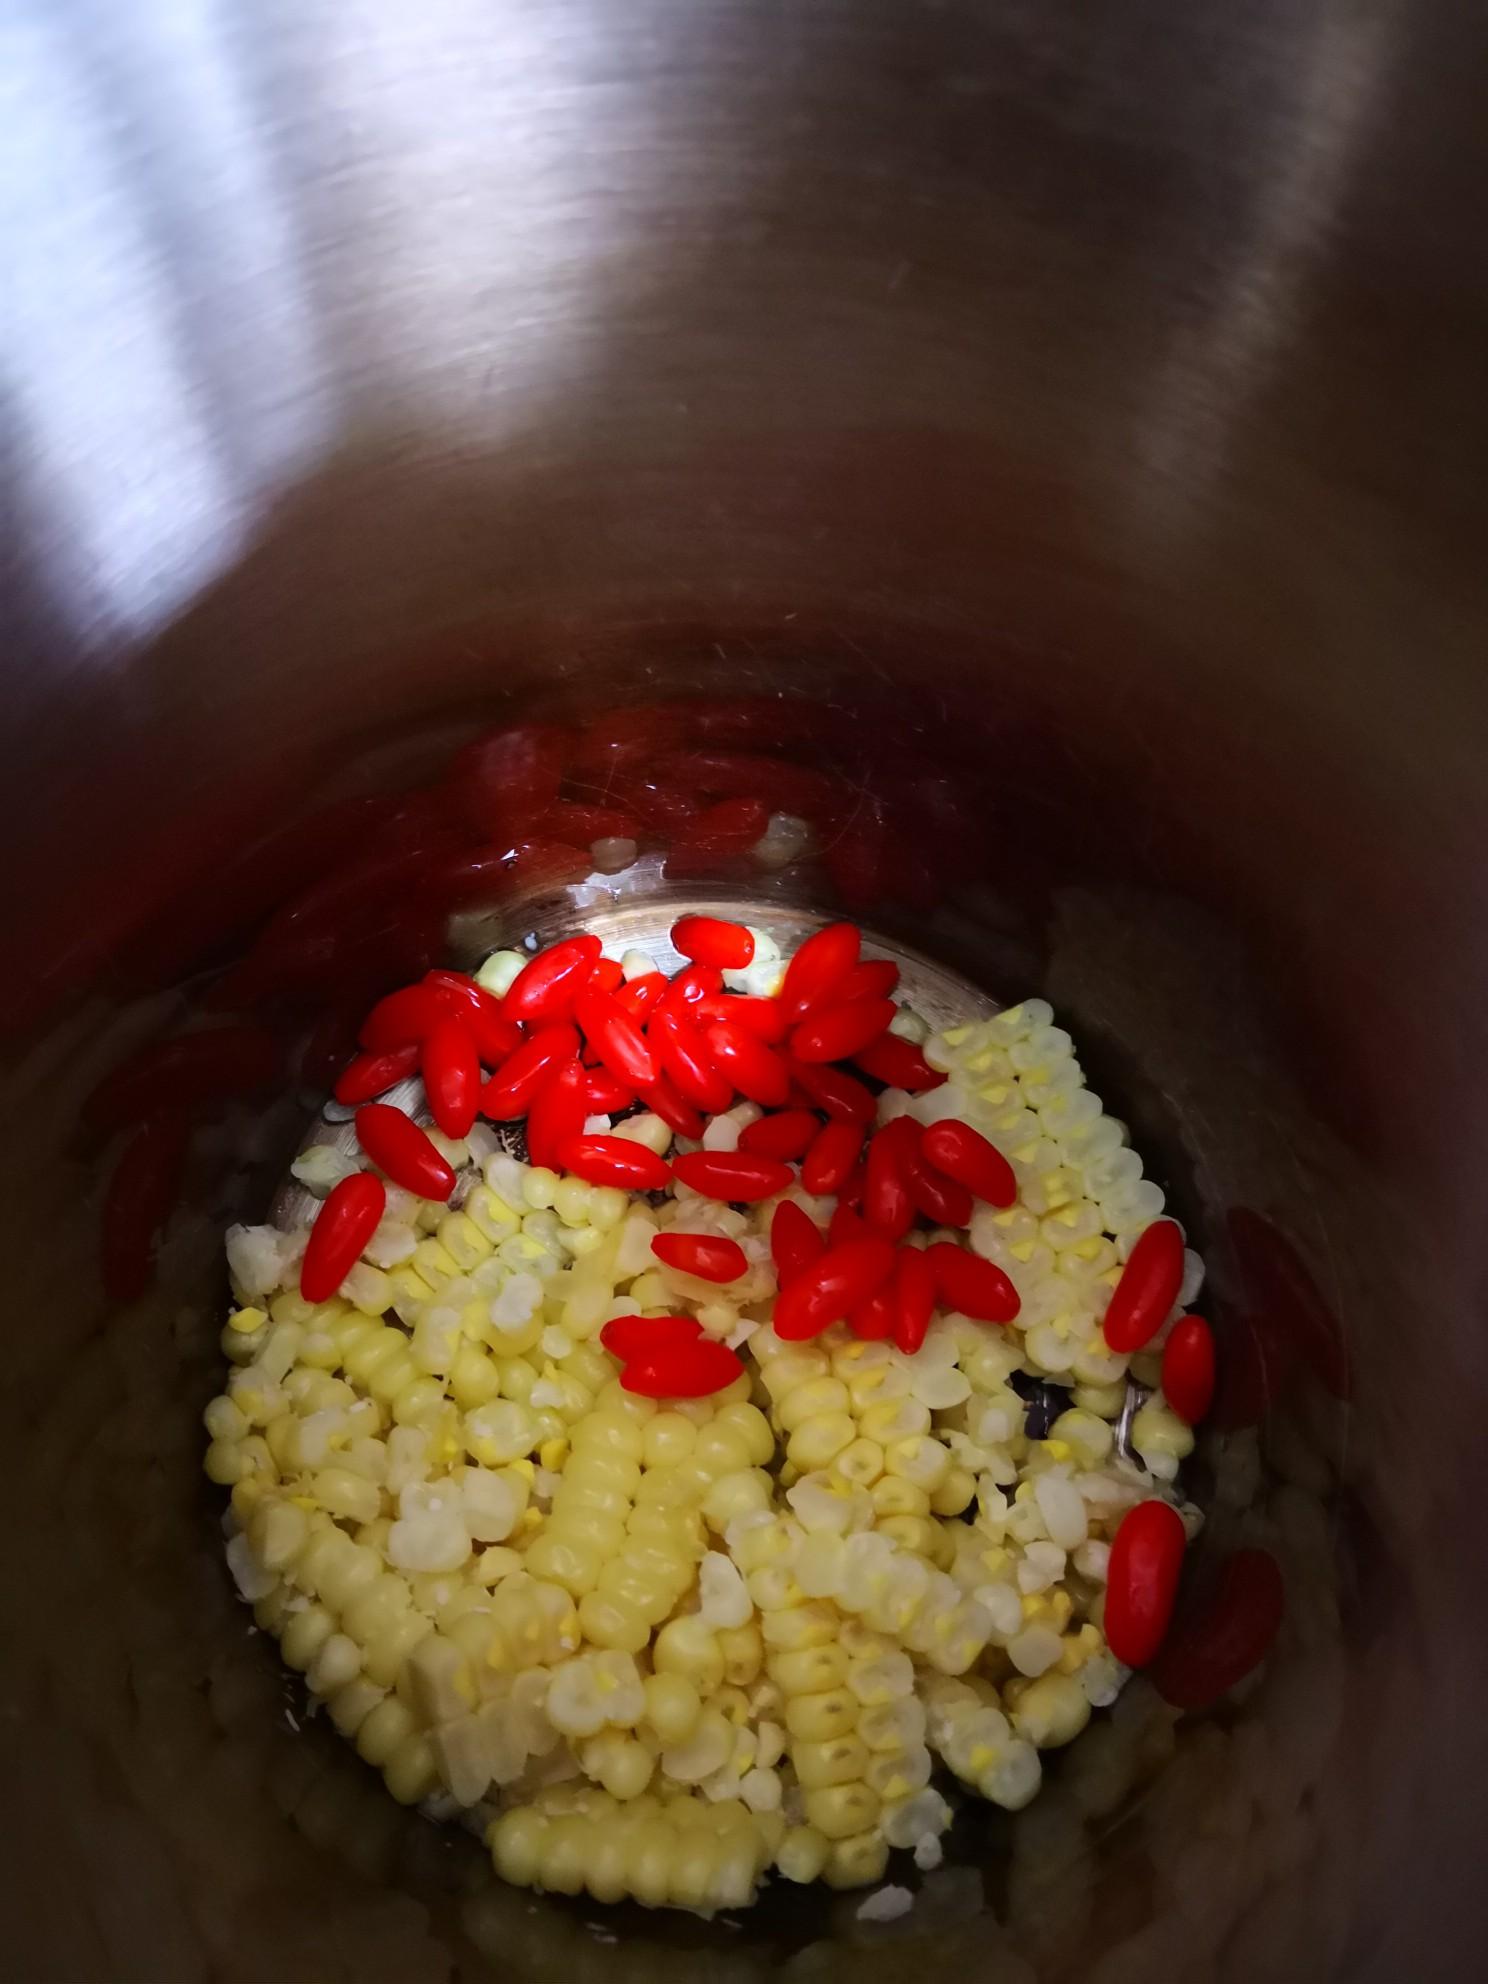 苞米枸杞糊的简单做法